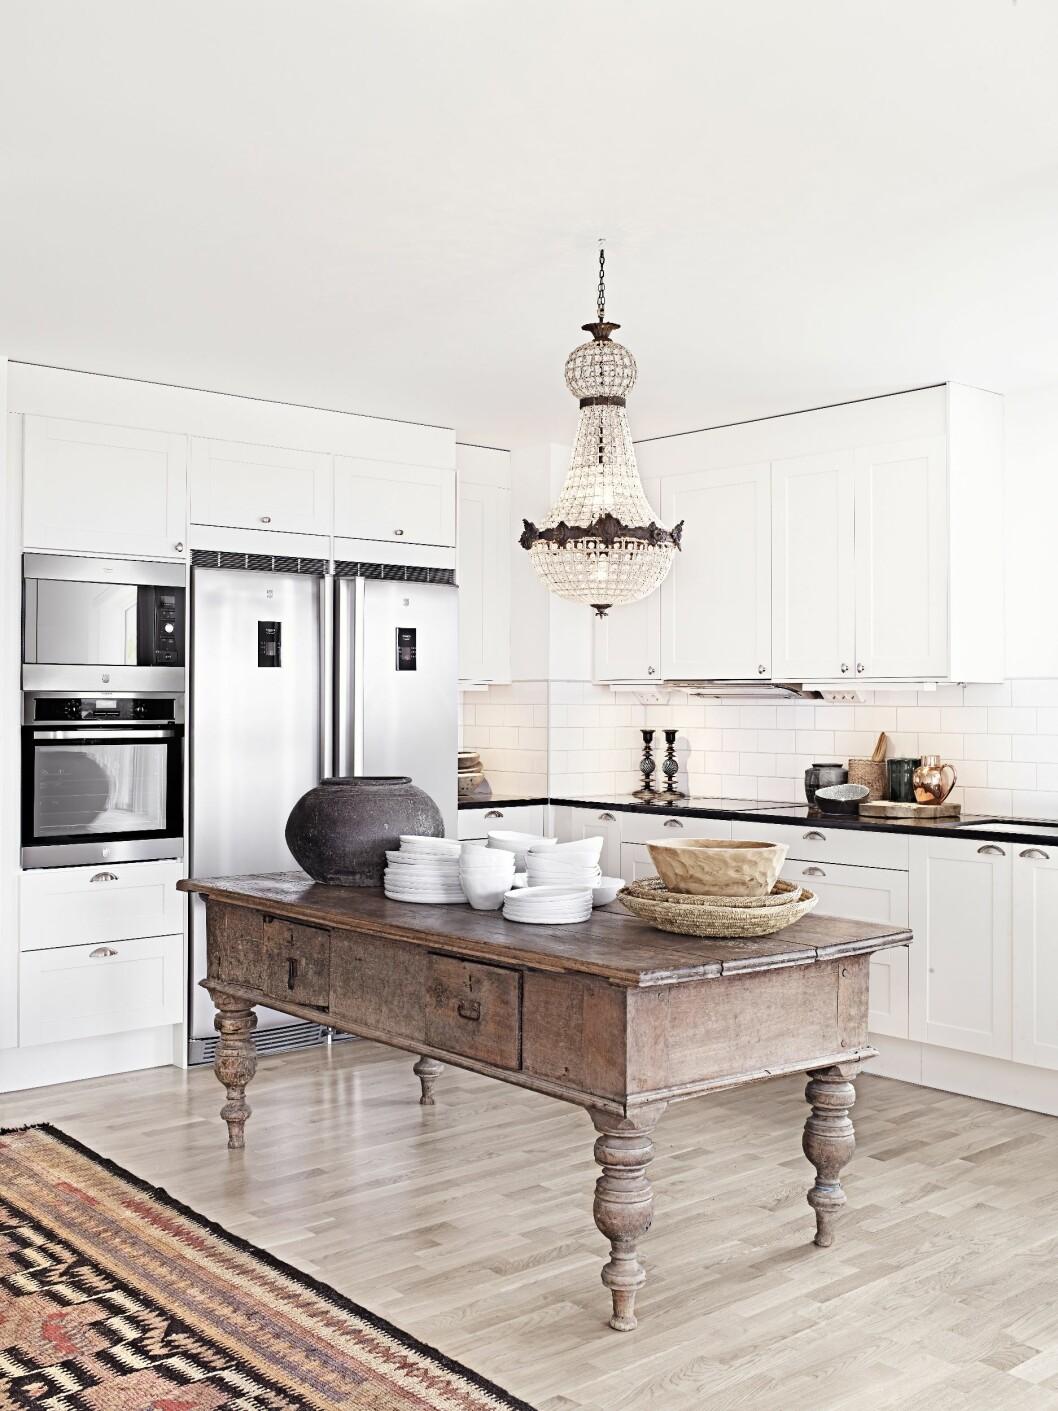 STILIG VRI: Hvem sier at du ikke kan bruke et nydelig, gammelt bord som kjøkkenøy? Foto: All Over Press Norway